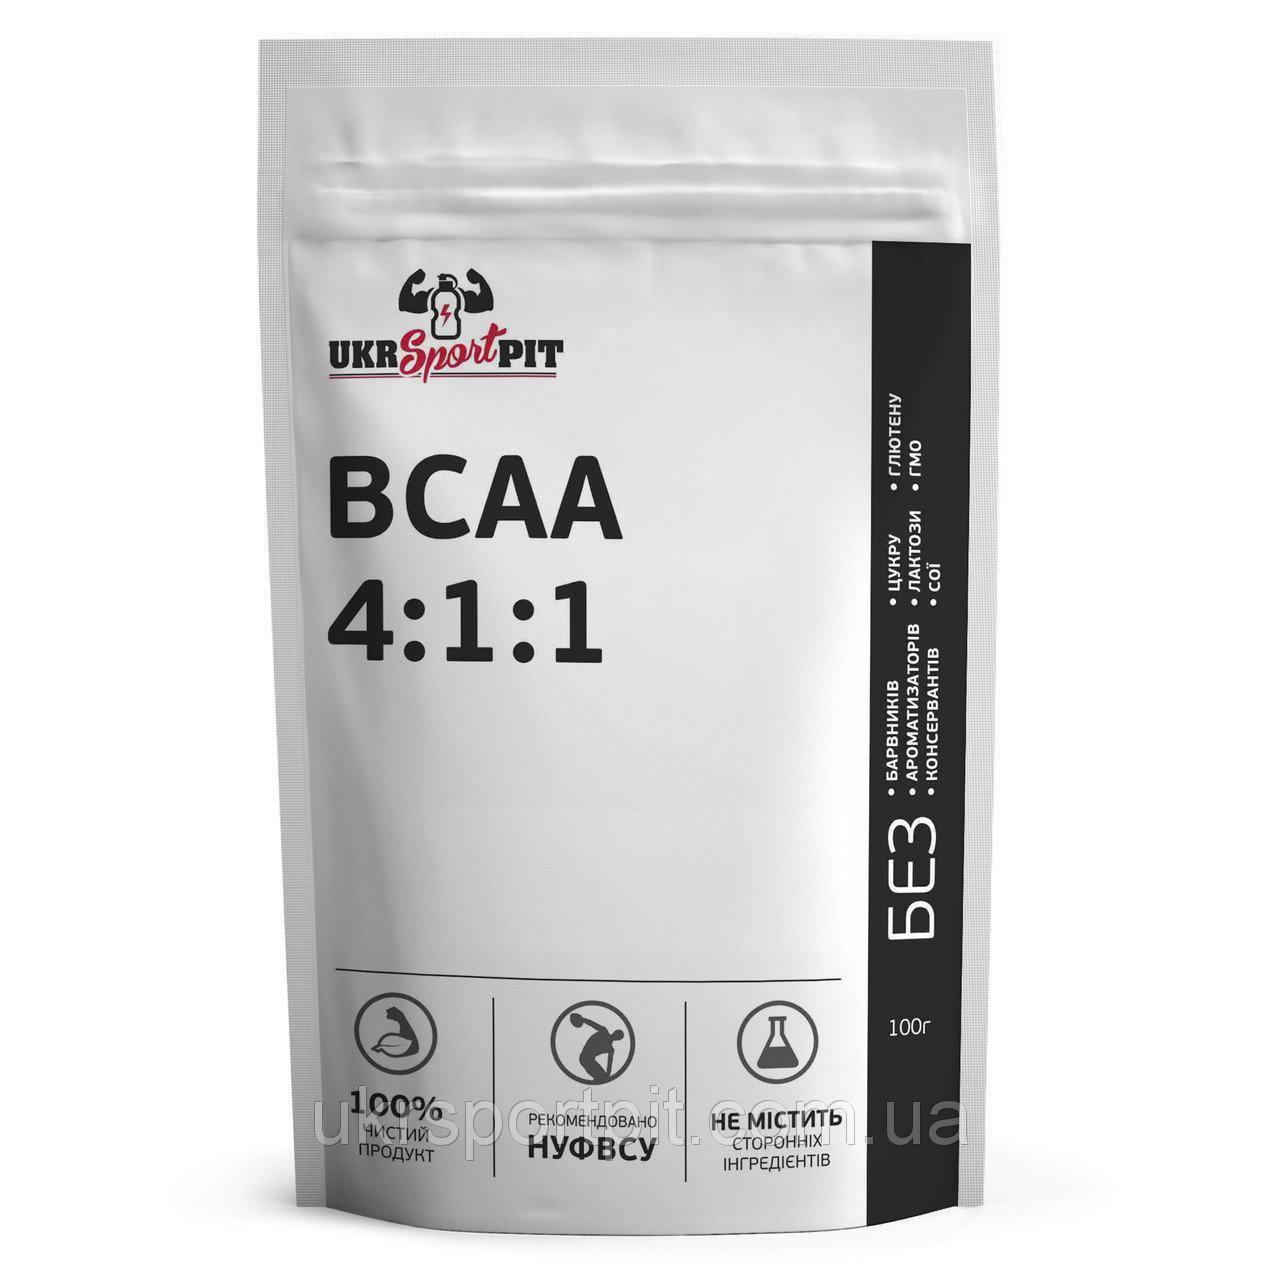 BCAA 4:1:1 (микропомол, в чистом виде) 100 г Без вкусовых добавок, 1000 г